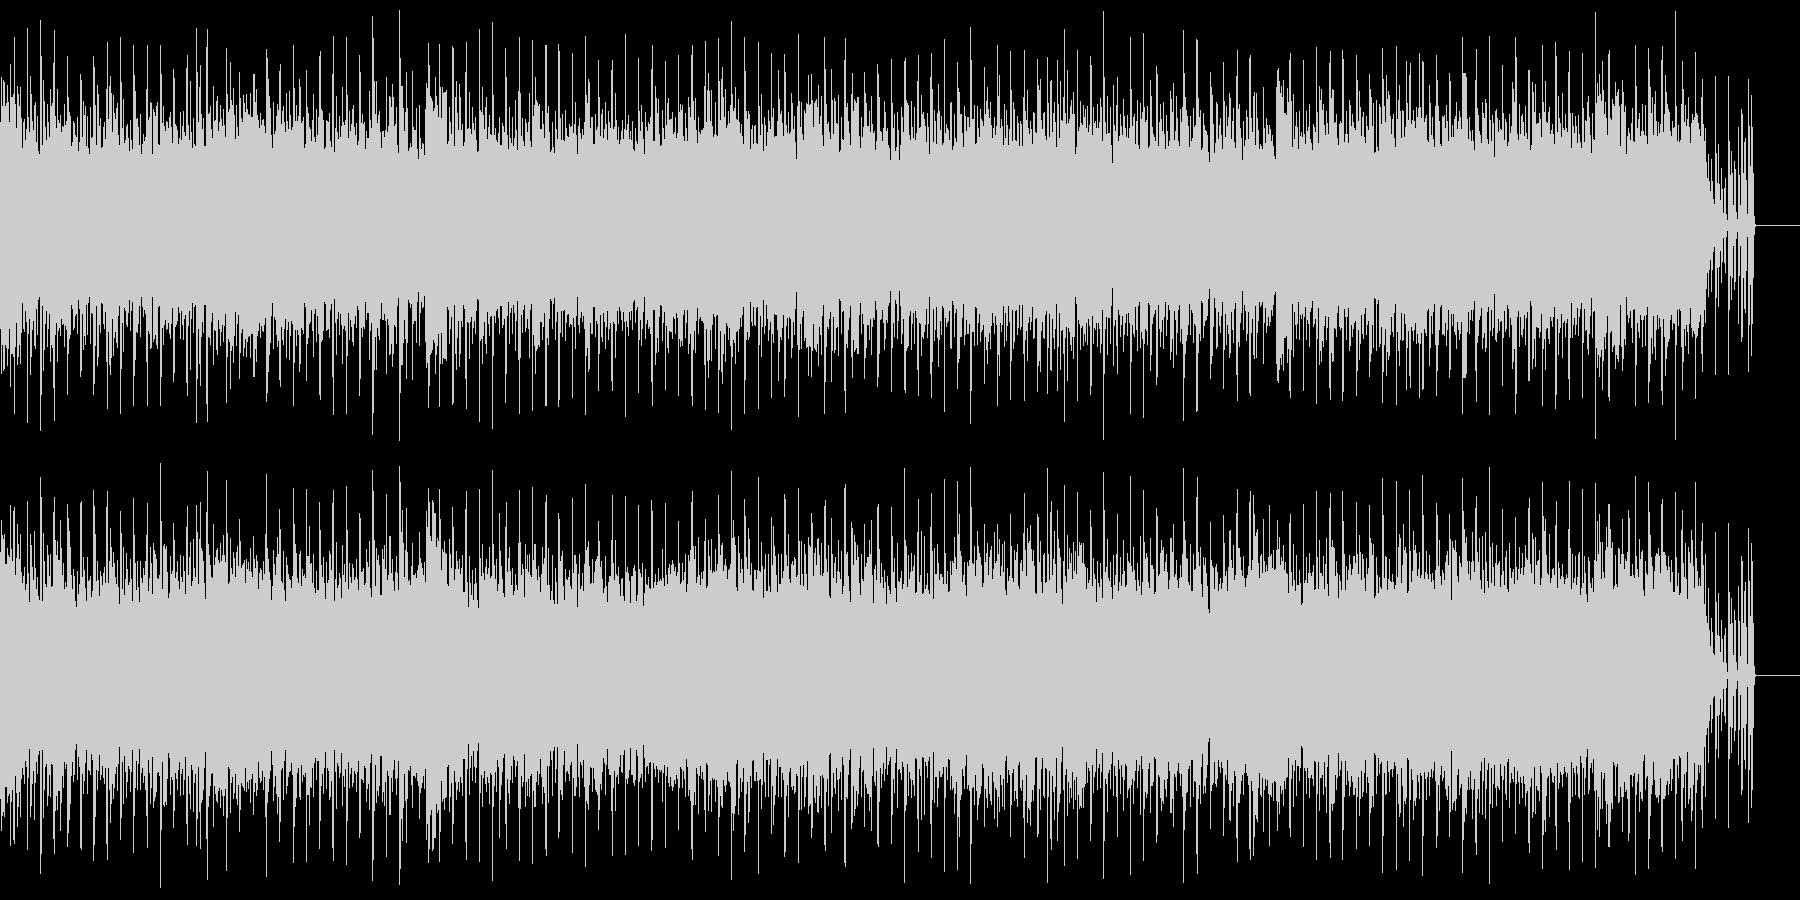 ダンス/ポップ/エレクトニック系。スト…の未再生の波形